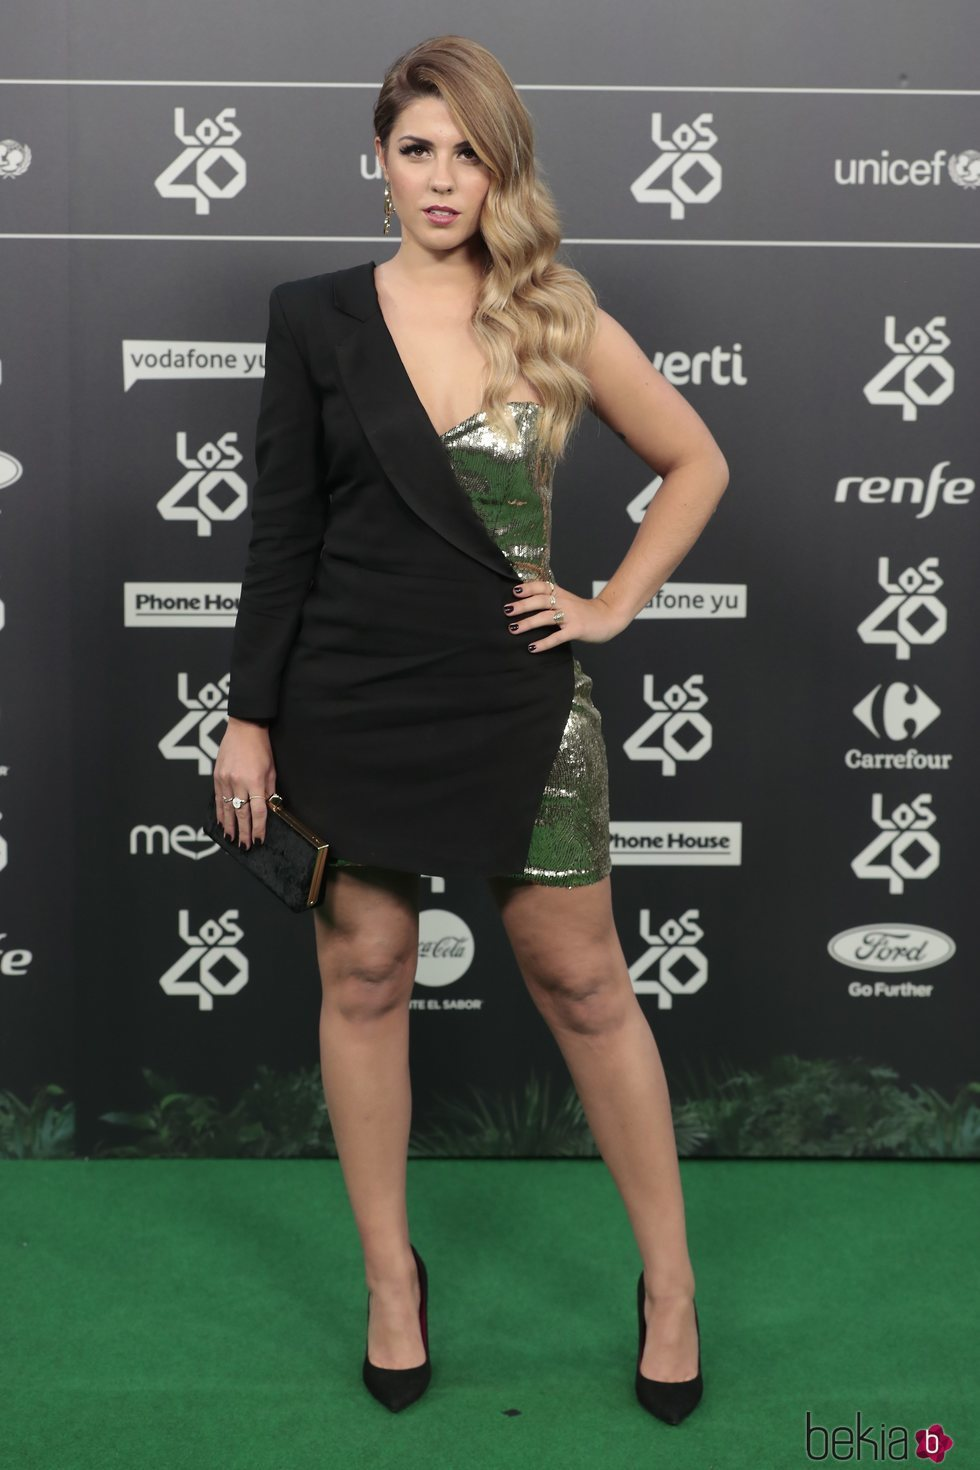 Miriam Rodríguez en Los 40 Music Awards 2018